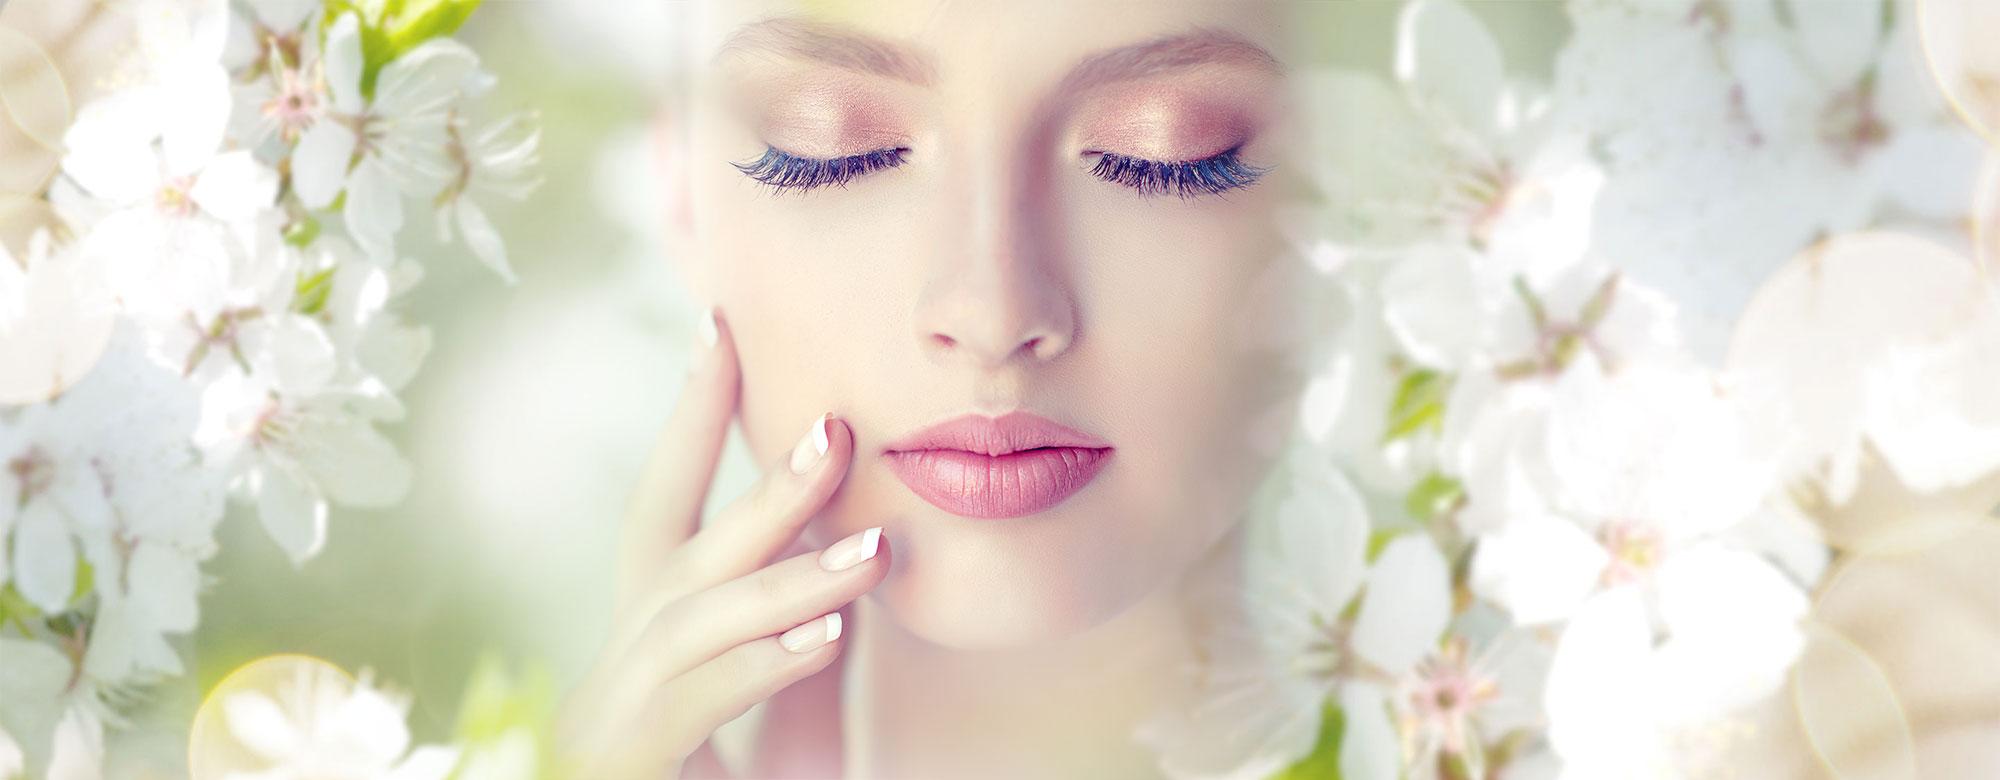 真の美と健康を支える BEAS 美容イメージ